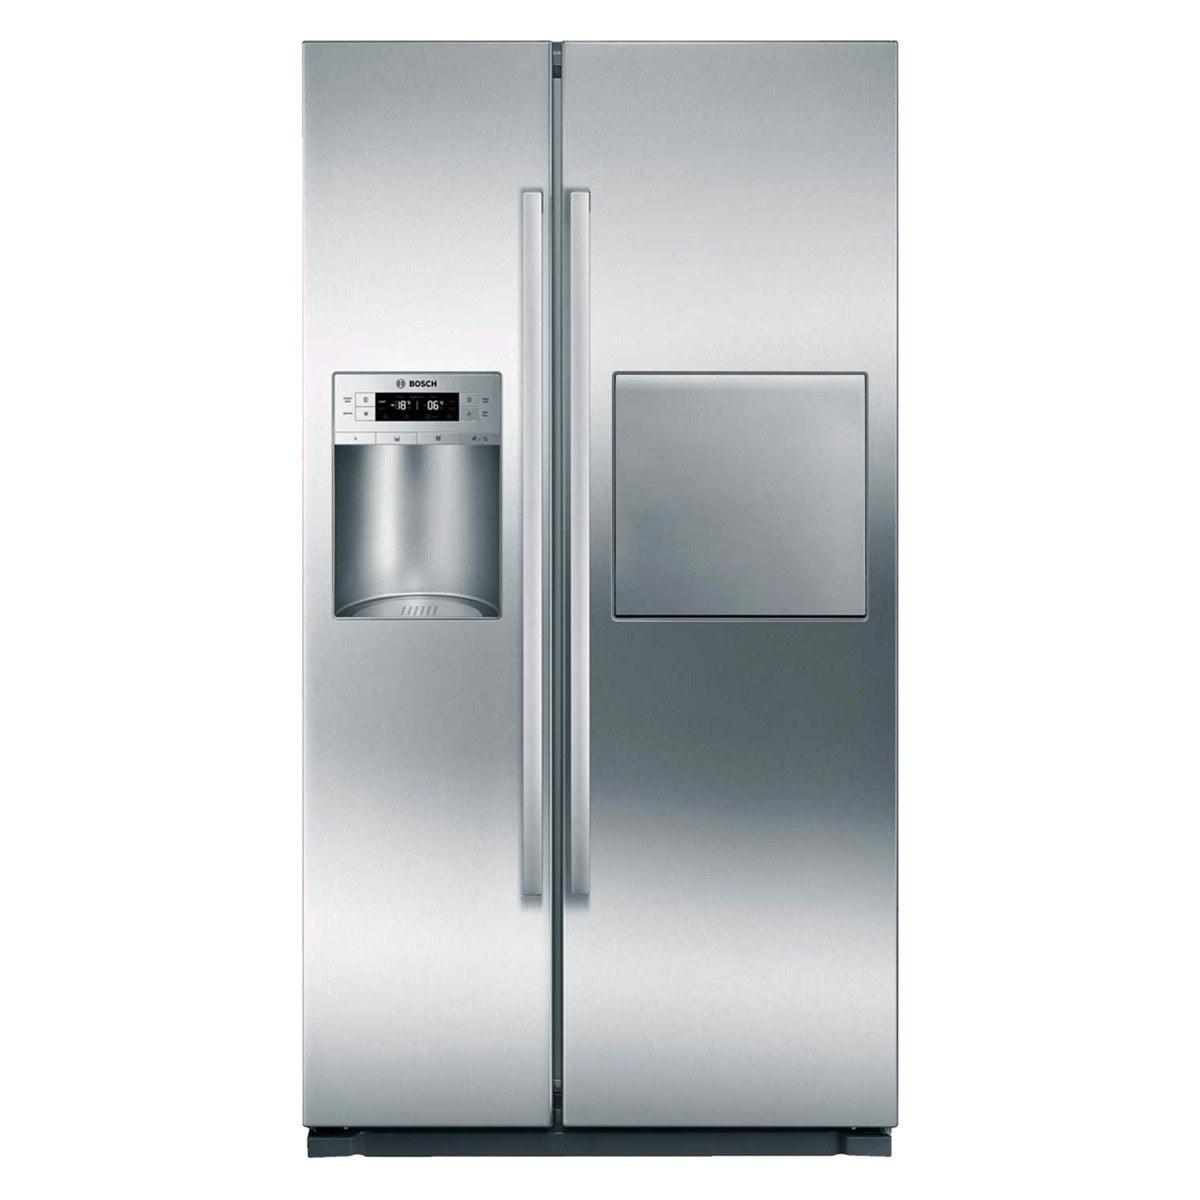 یخچال و فریزر بوش مدل KAD80A404 | Bosch KAD80A404 Side By Side Refrigerator